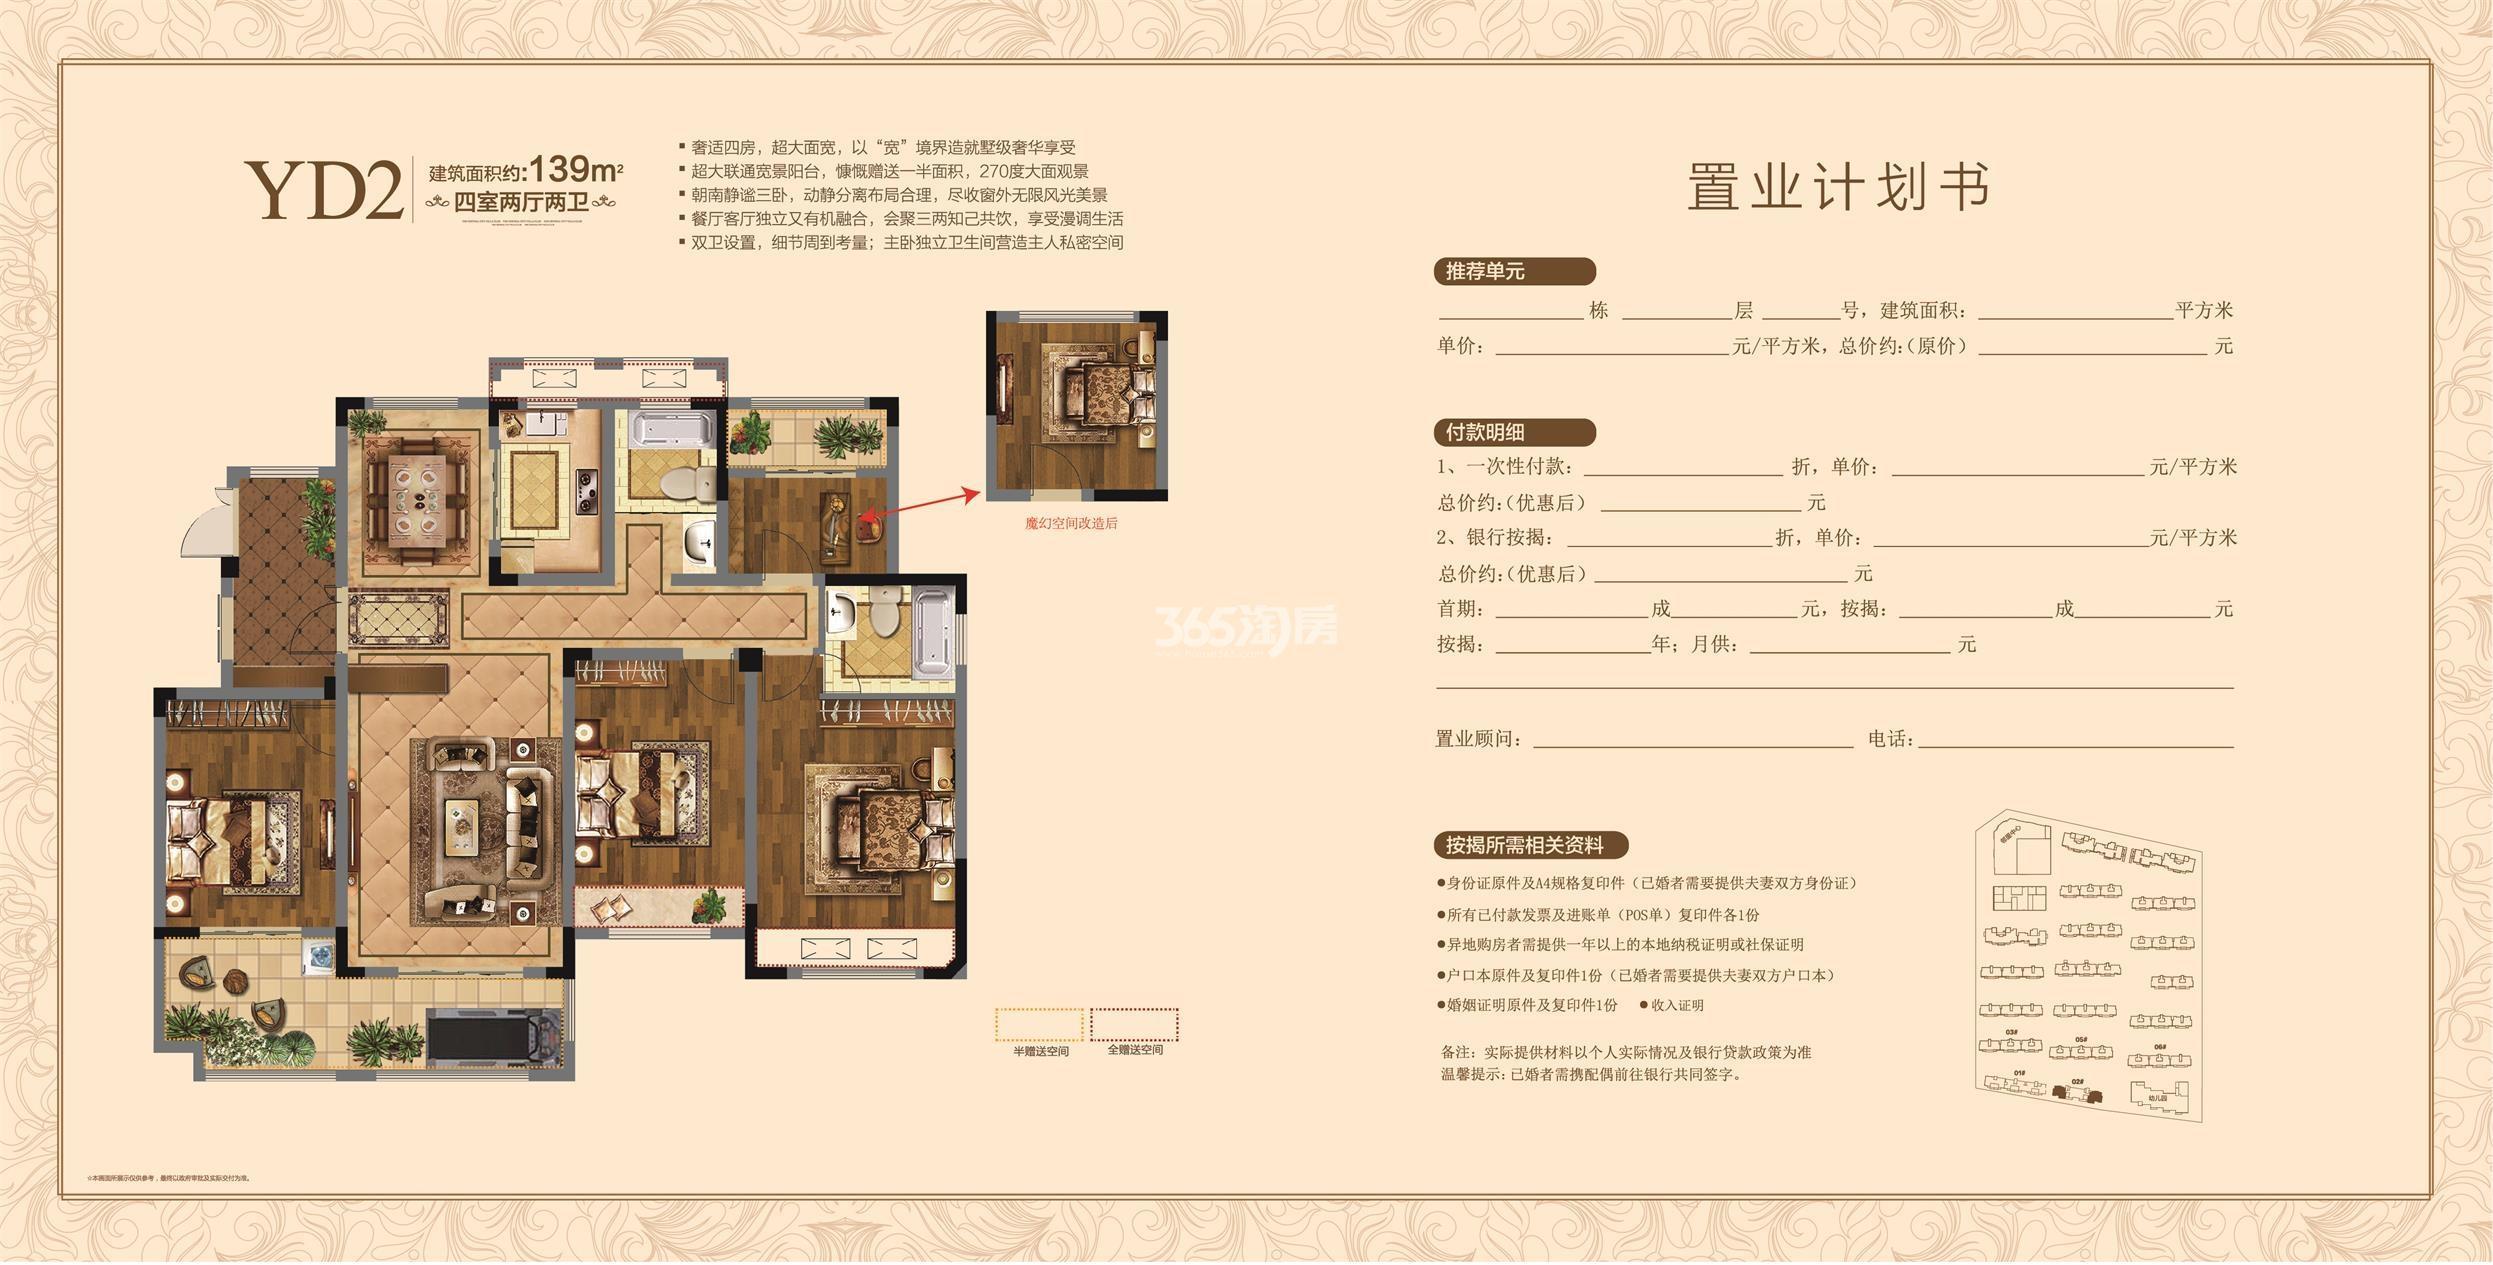 国兴·翡翠湾 139户型图